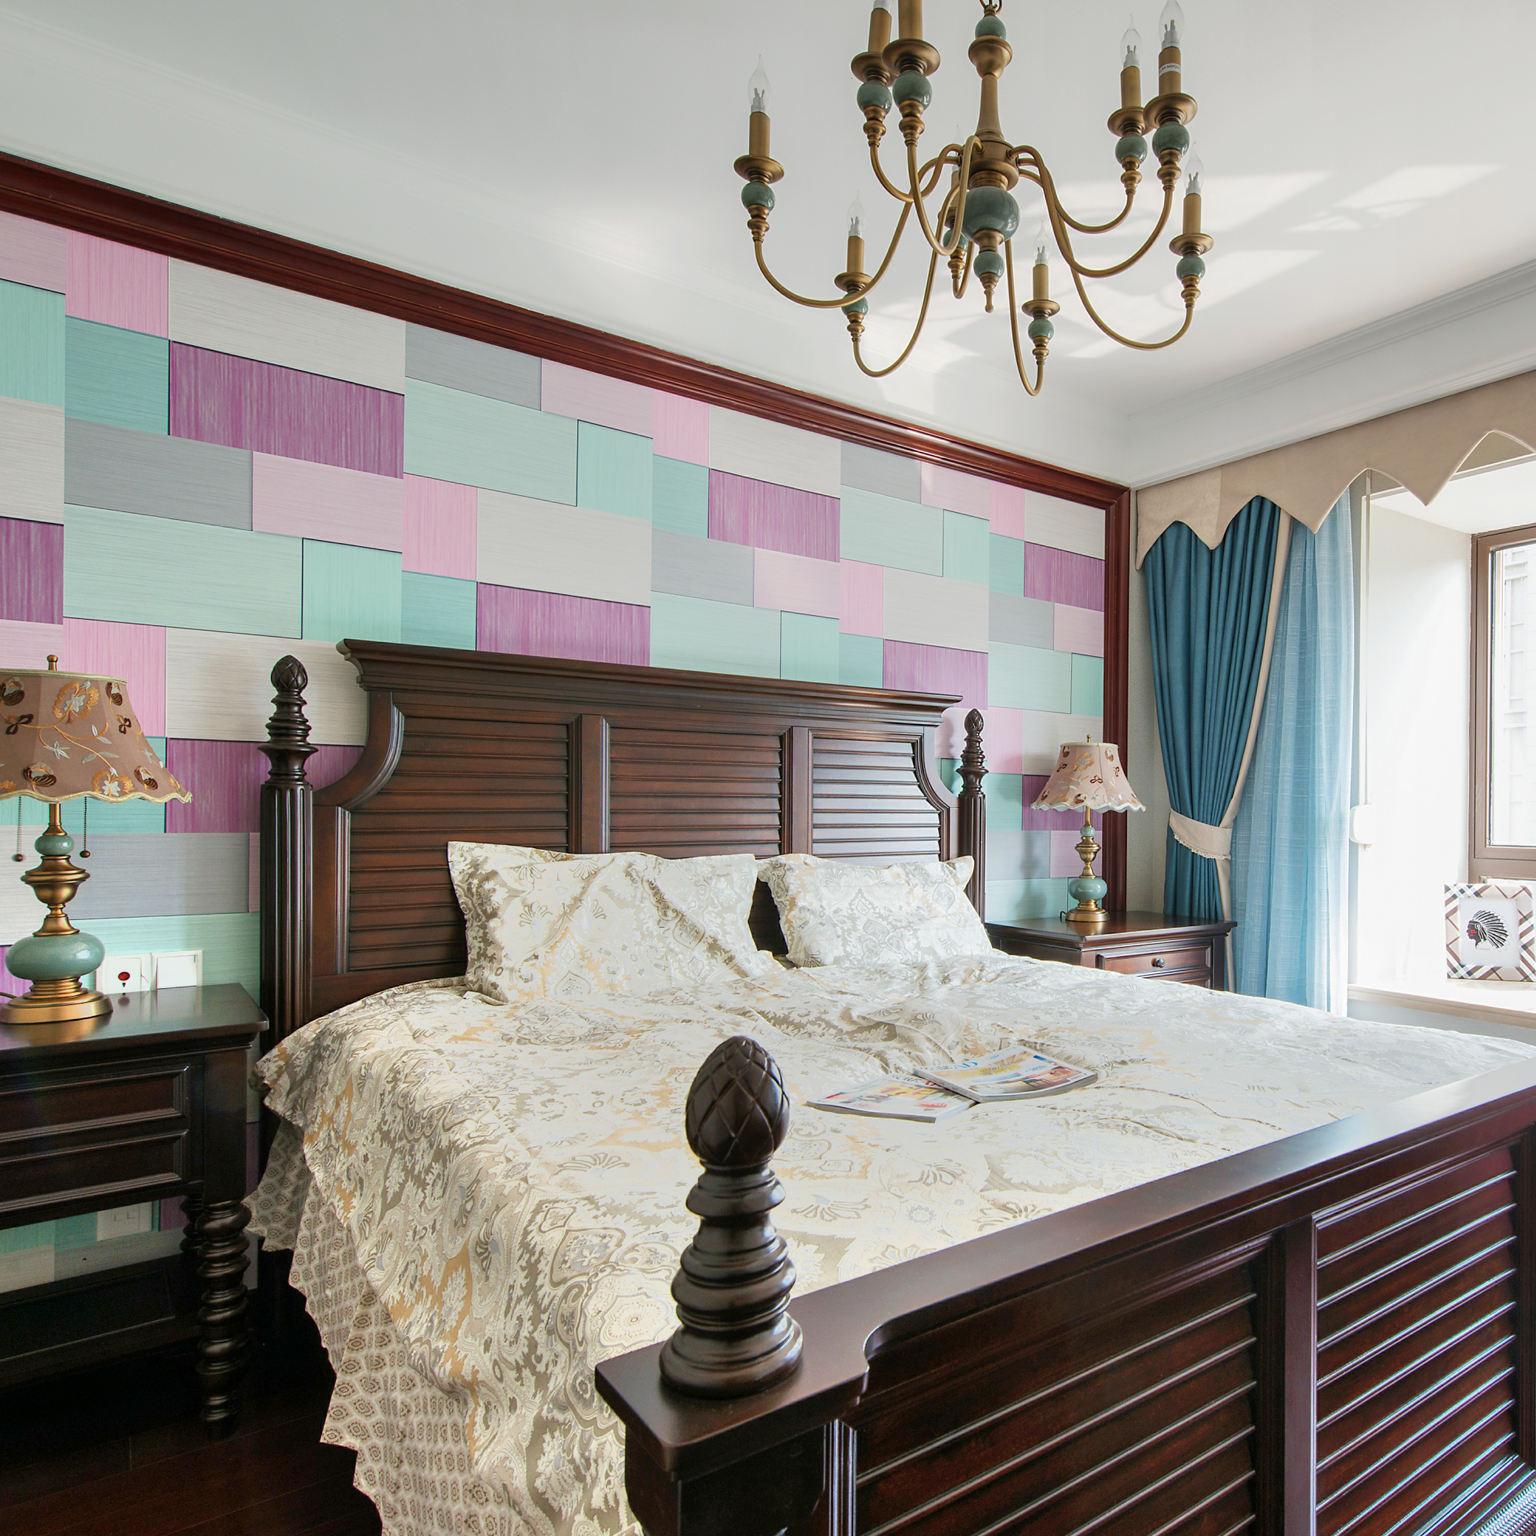 美式乡村风卧室高背床装饰图